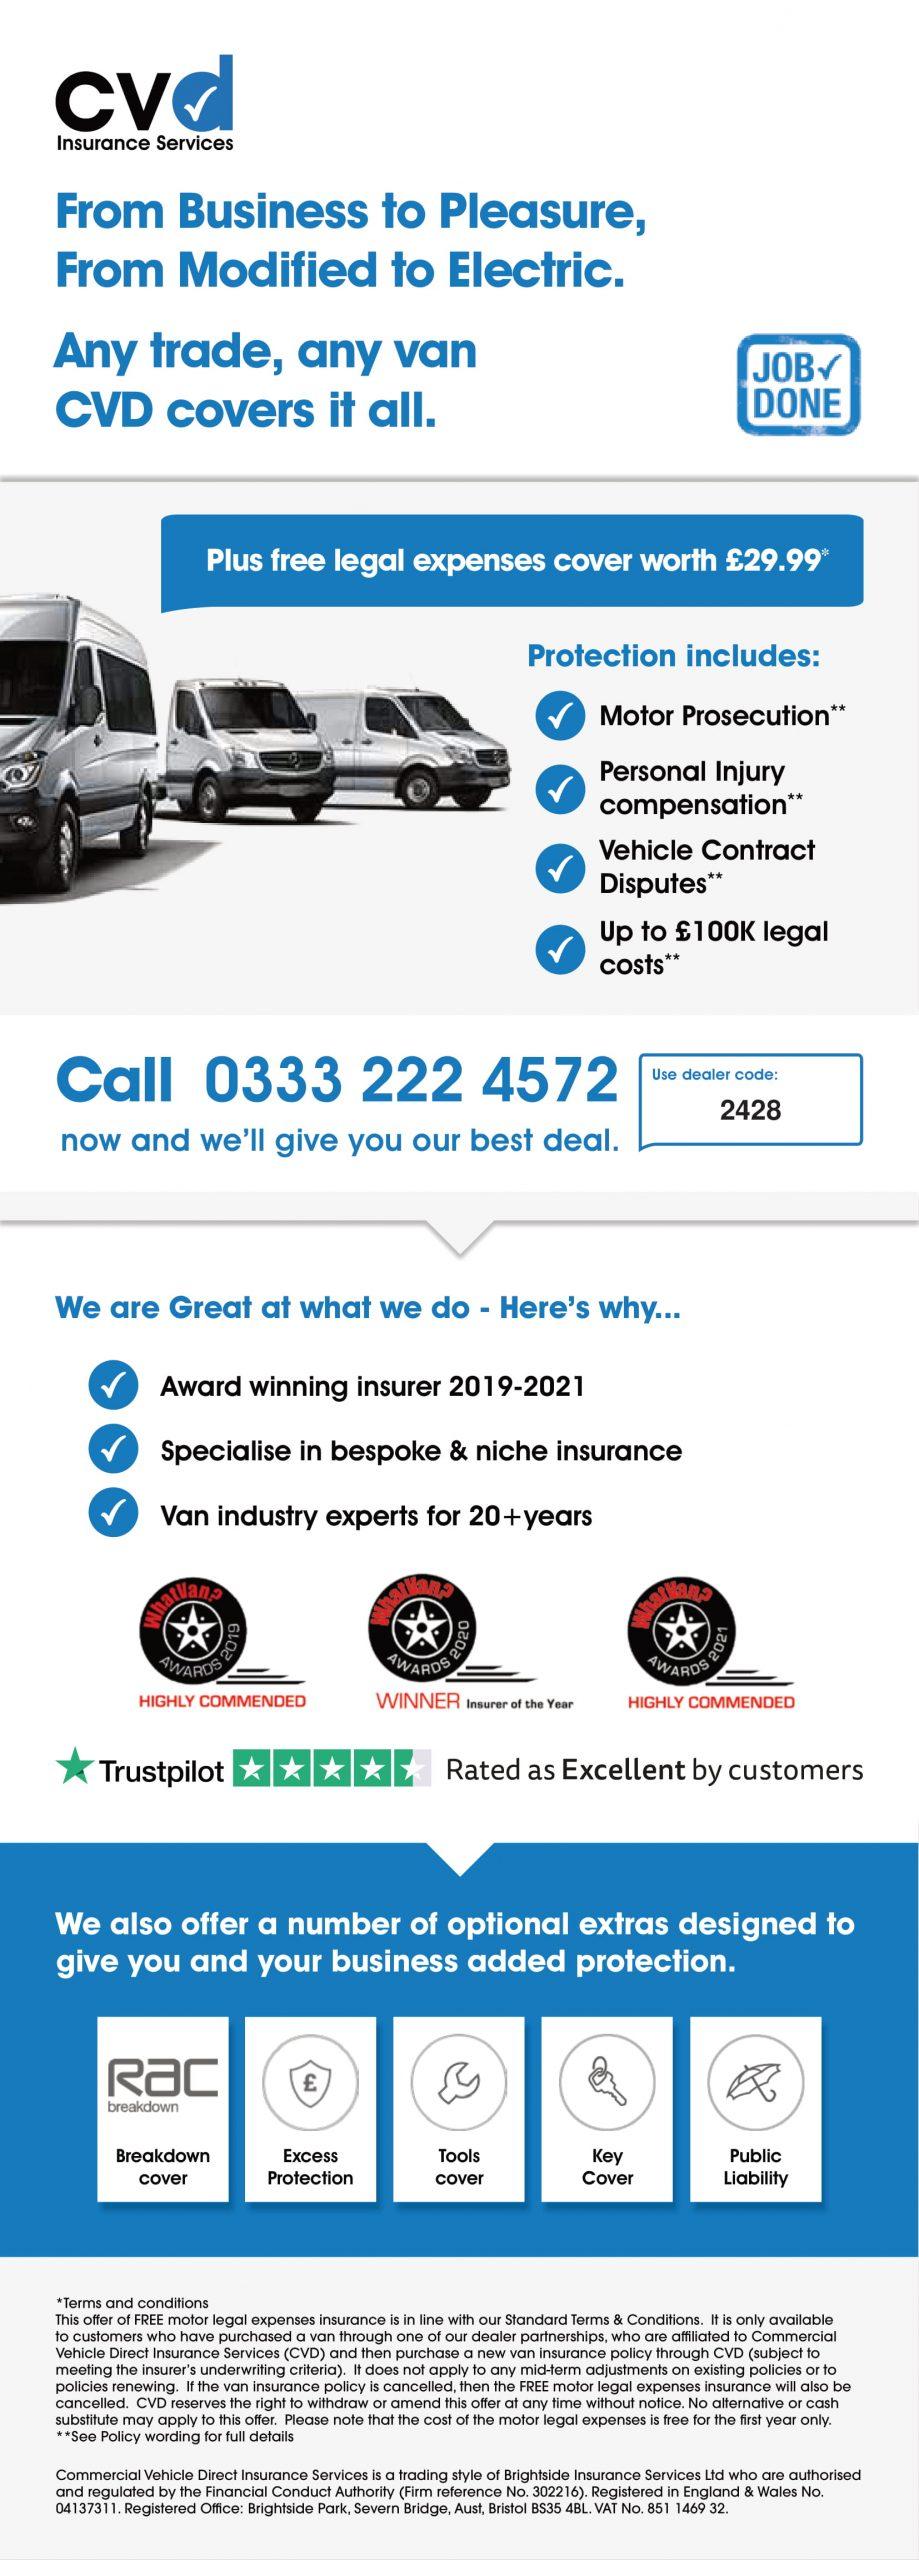 Cvd Digital Dealer Card With Dealer Code 2428 1 - Vans Northwest Ltd